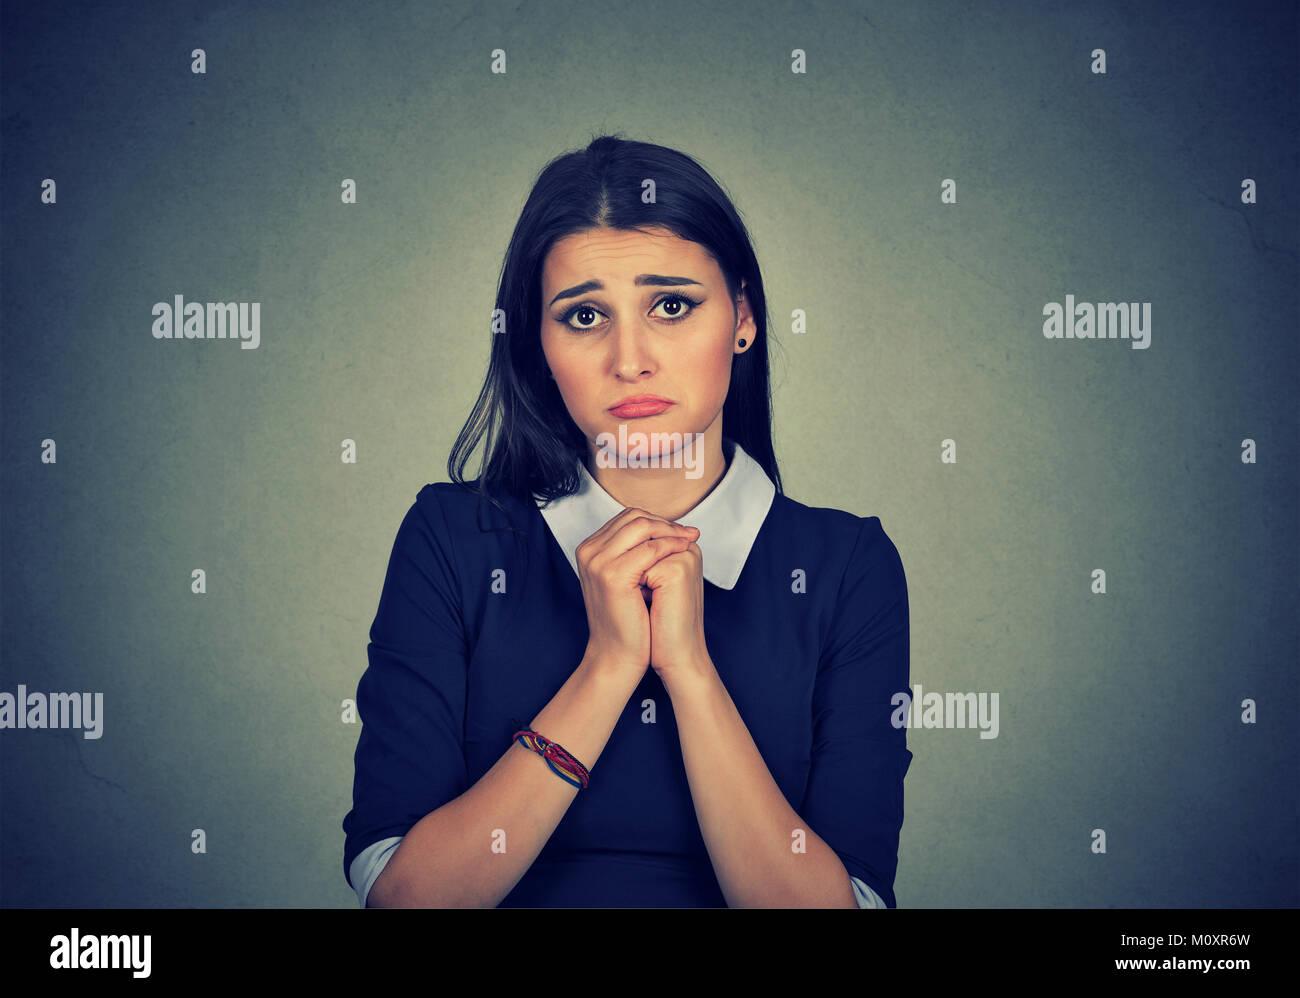 Joven Mujer formal buscando culpables en la cámara pidiendo perdón. Imagen De Stock